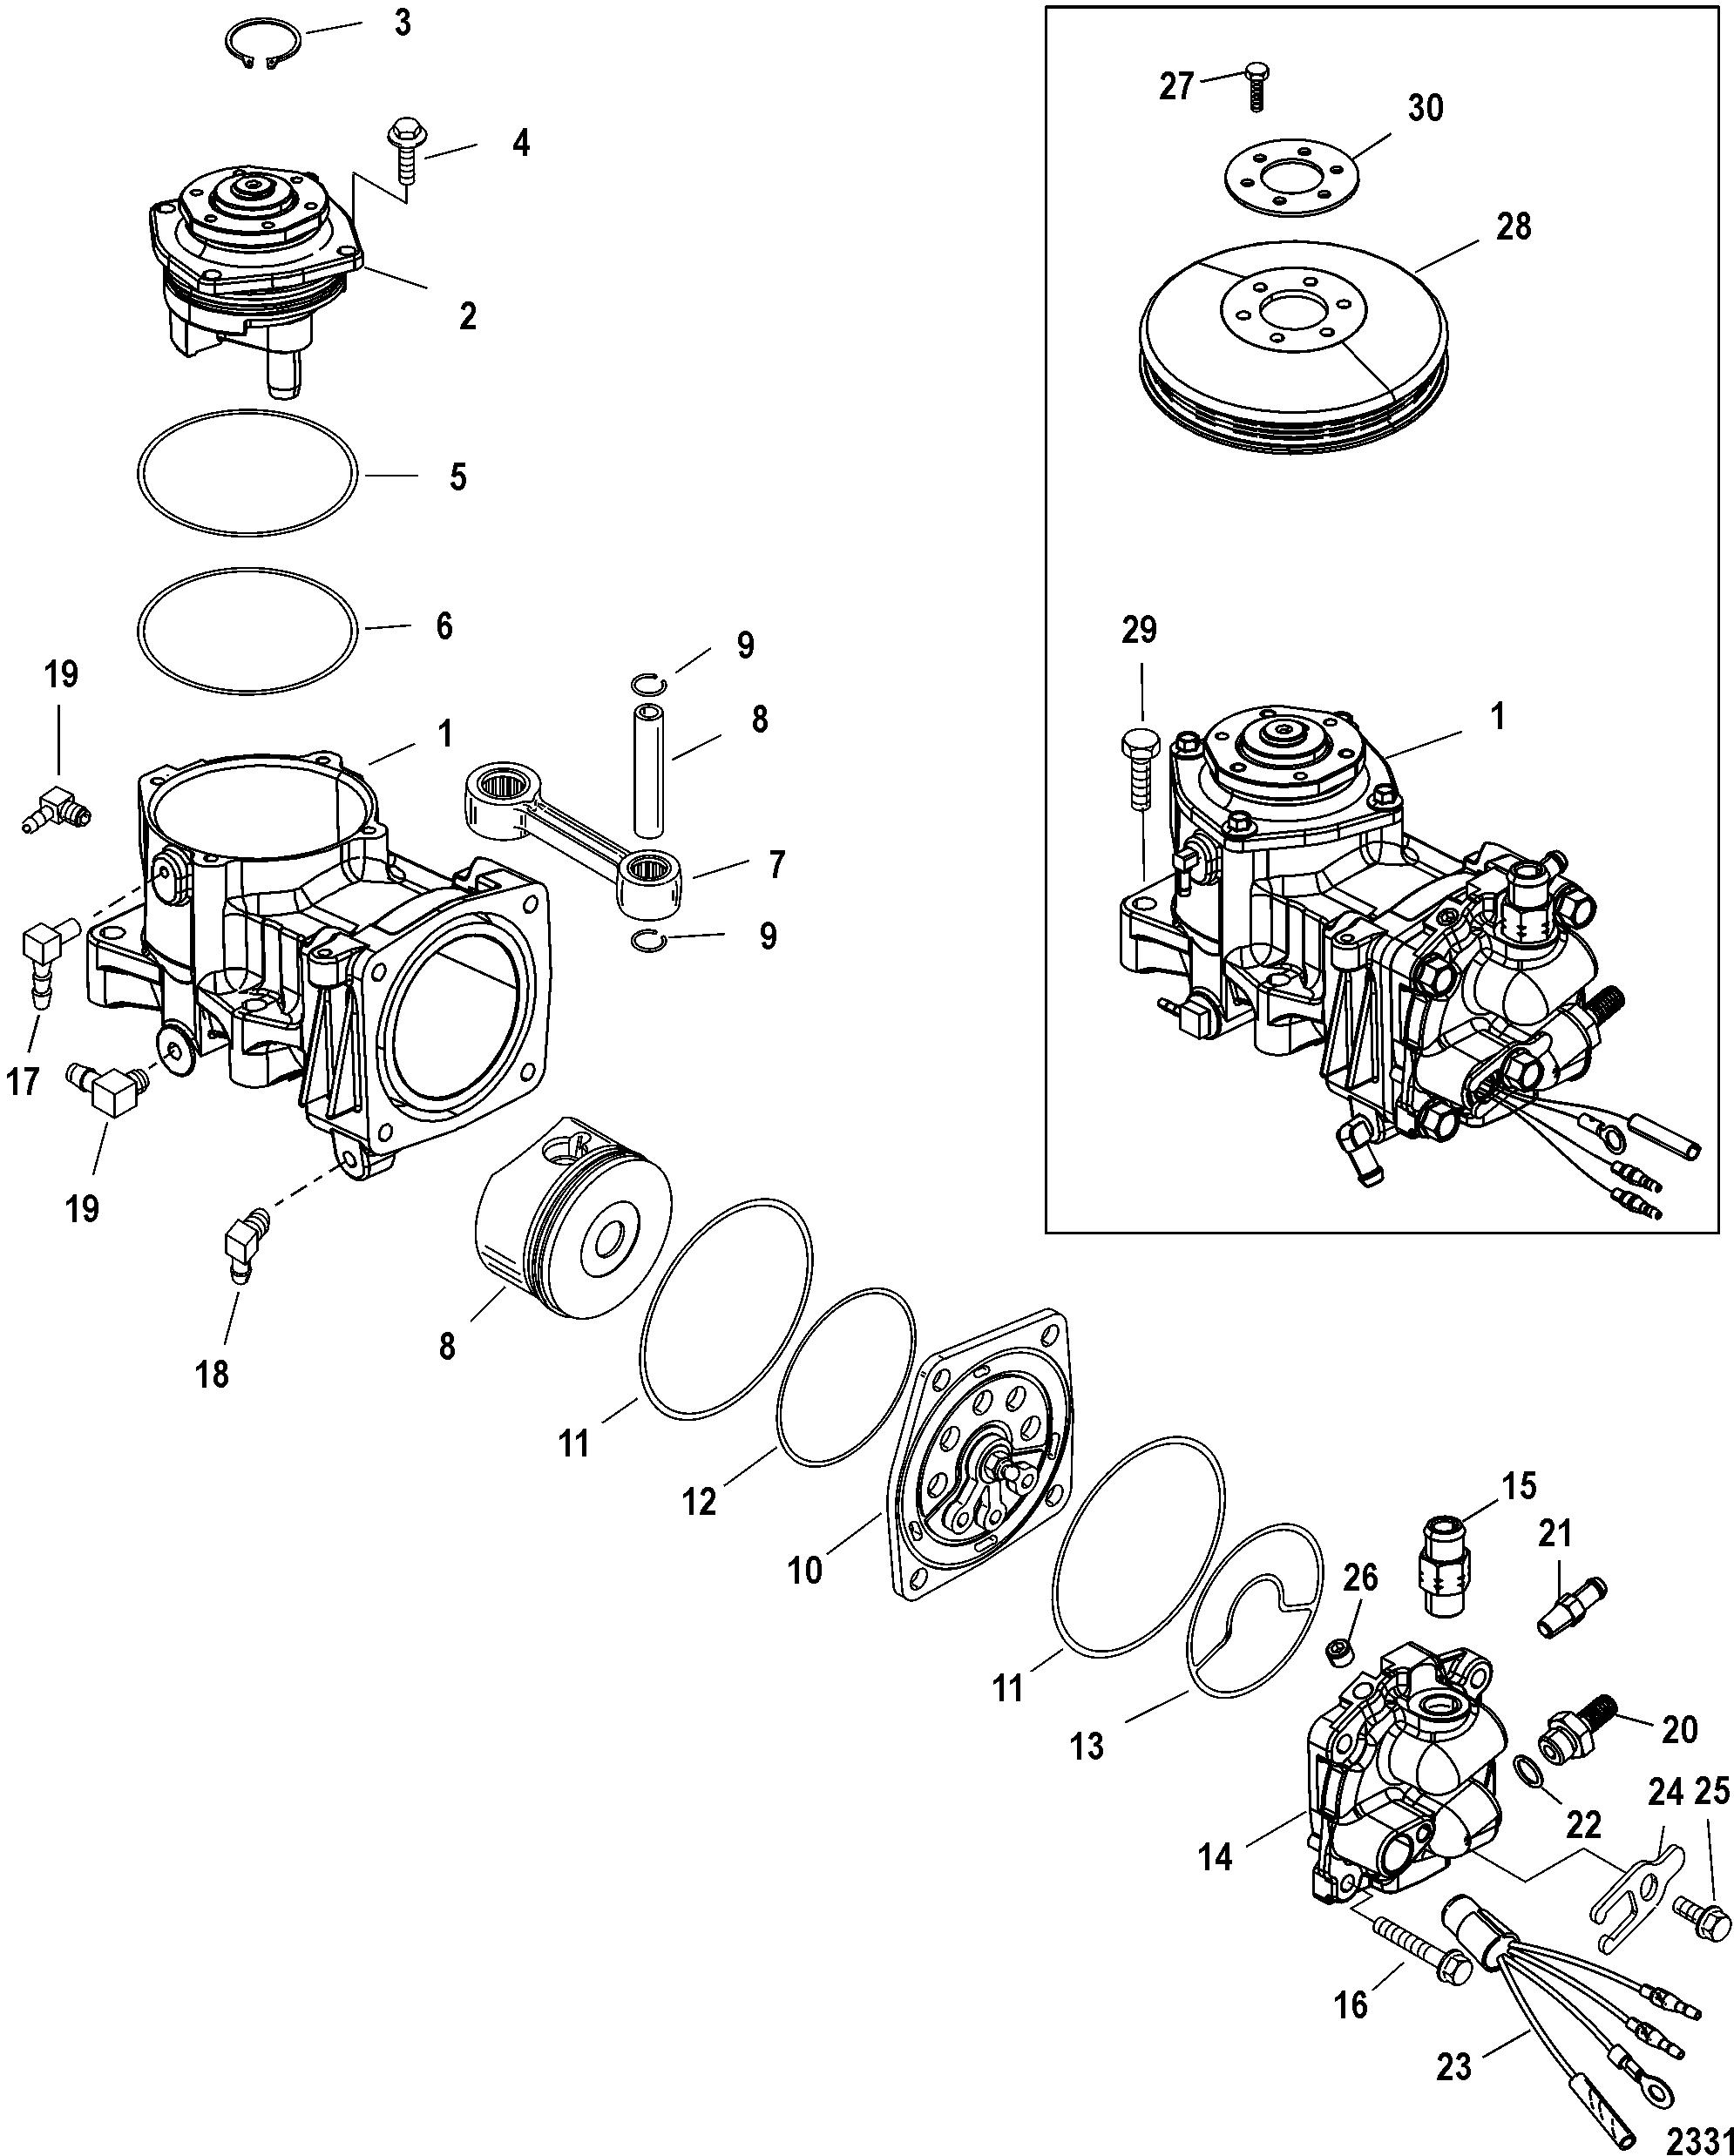 air compressor components for mercury 250 pro xs 3 0l